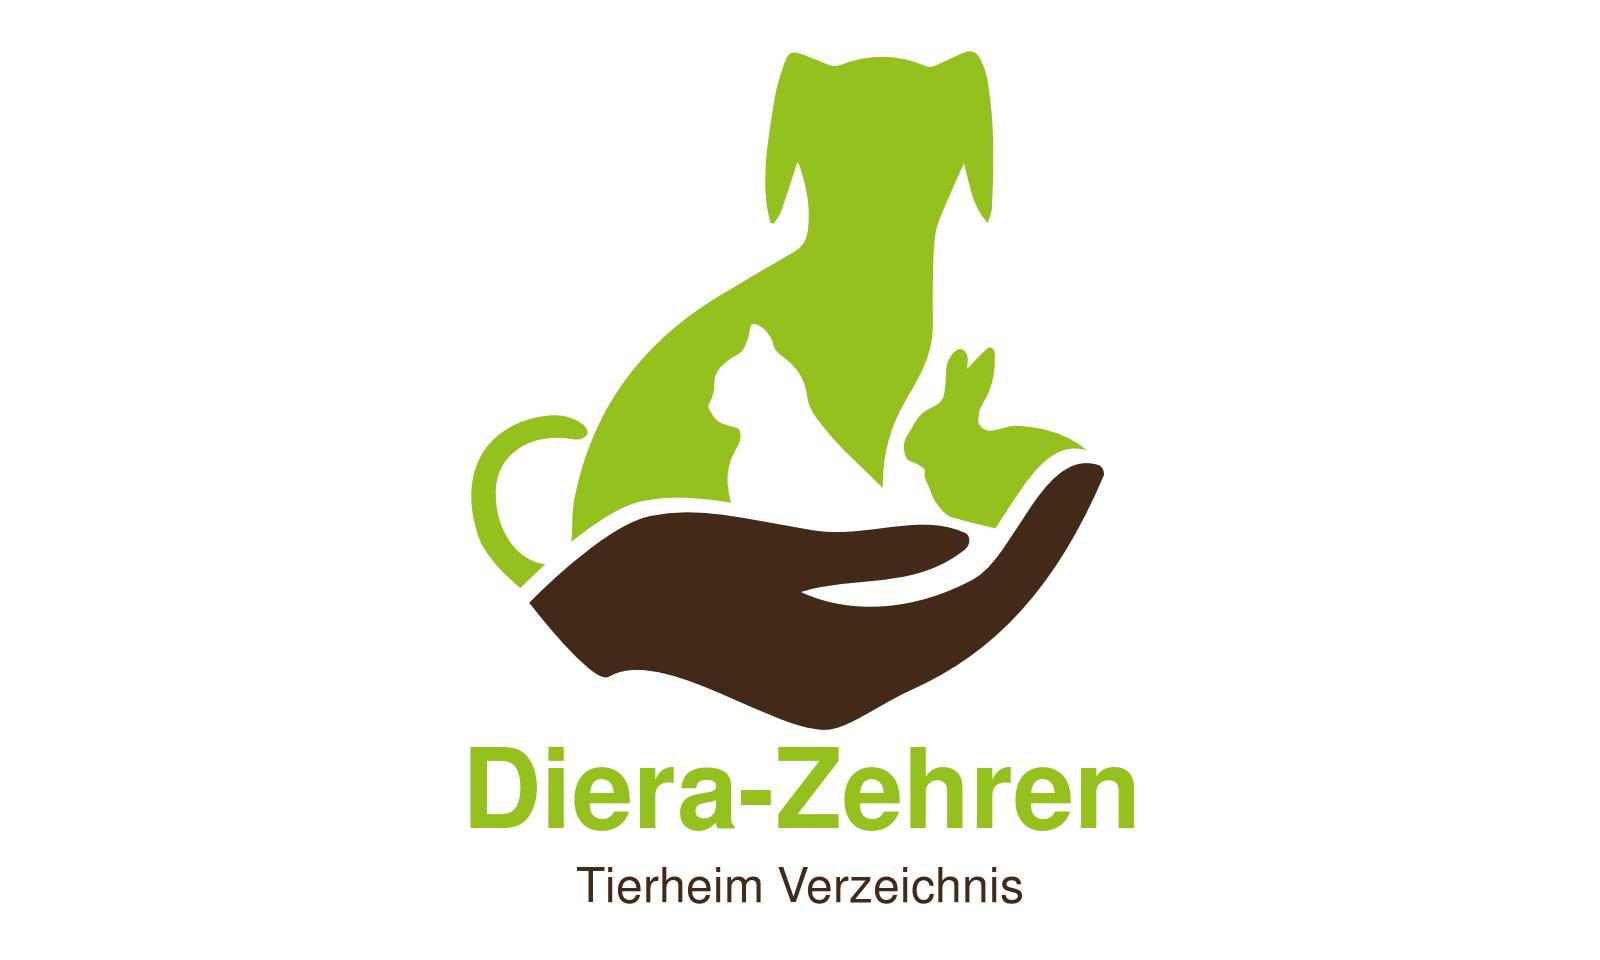 Tierheim Diera-Zehren